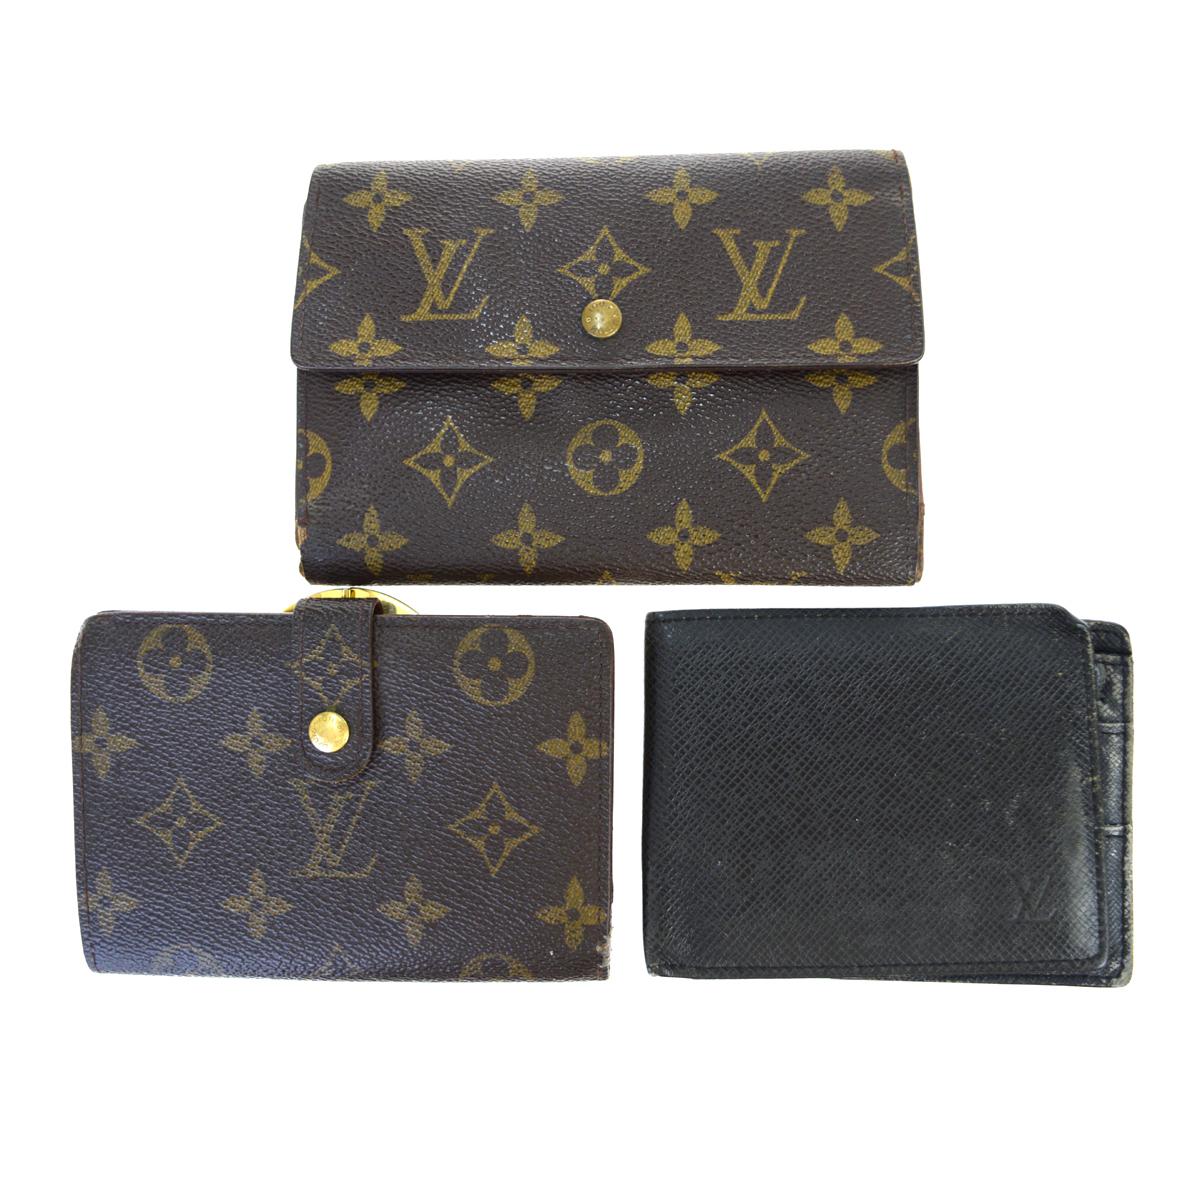 【中古】 ルイ・ヴィトン(Louis Vuitton) モノグラム 3点セット タイガ レザー 財布(二つ折り) ブラウン 02PA362